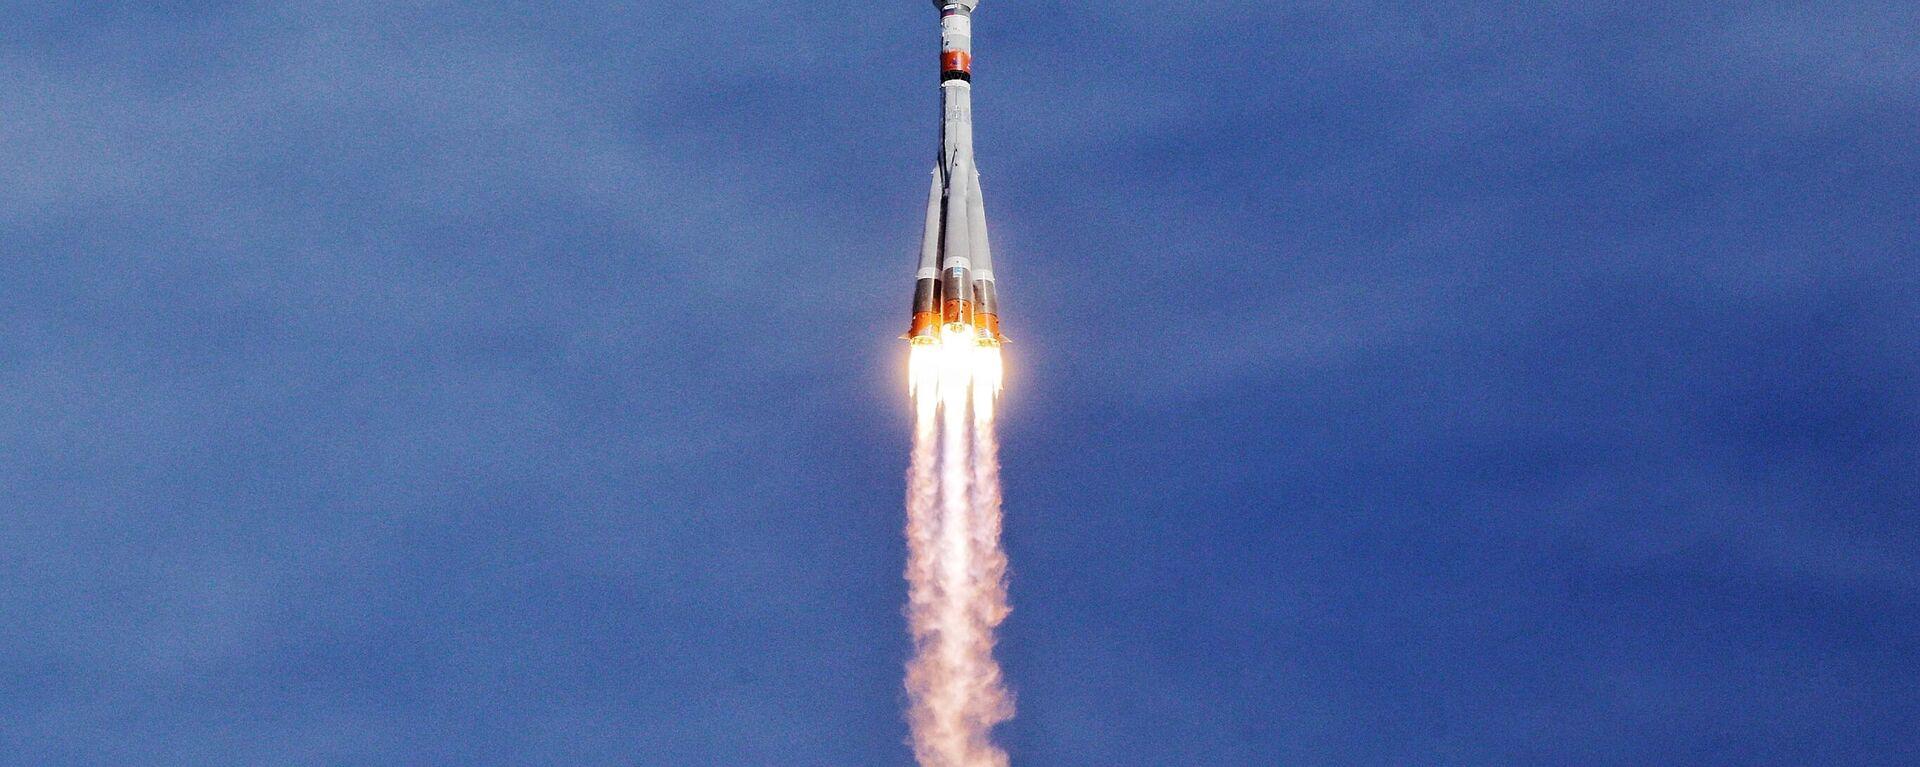 Пуск РН Союз-2.1б с разгонным блоком Фрегат с космодрома Восточный - Sputnik Узбекистан, 1920, 12.04.2021